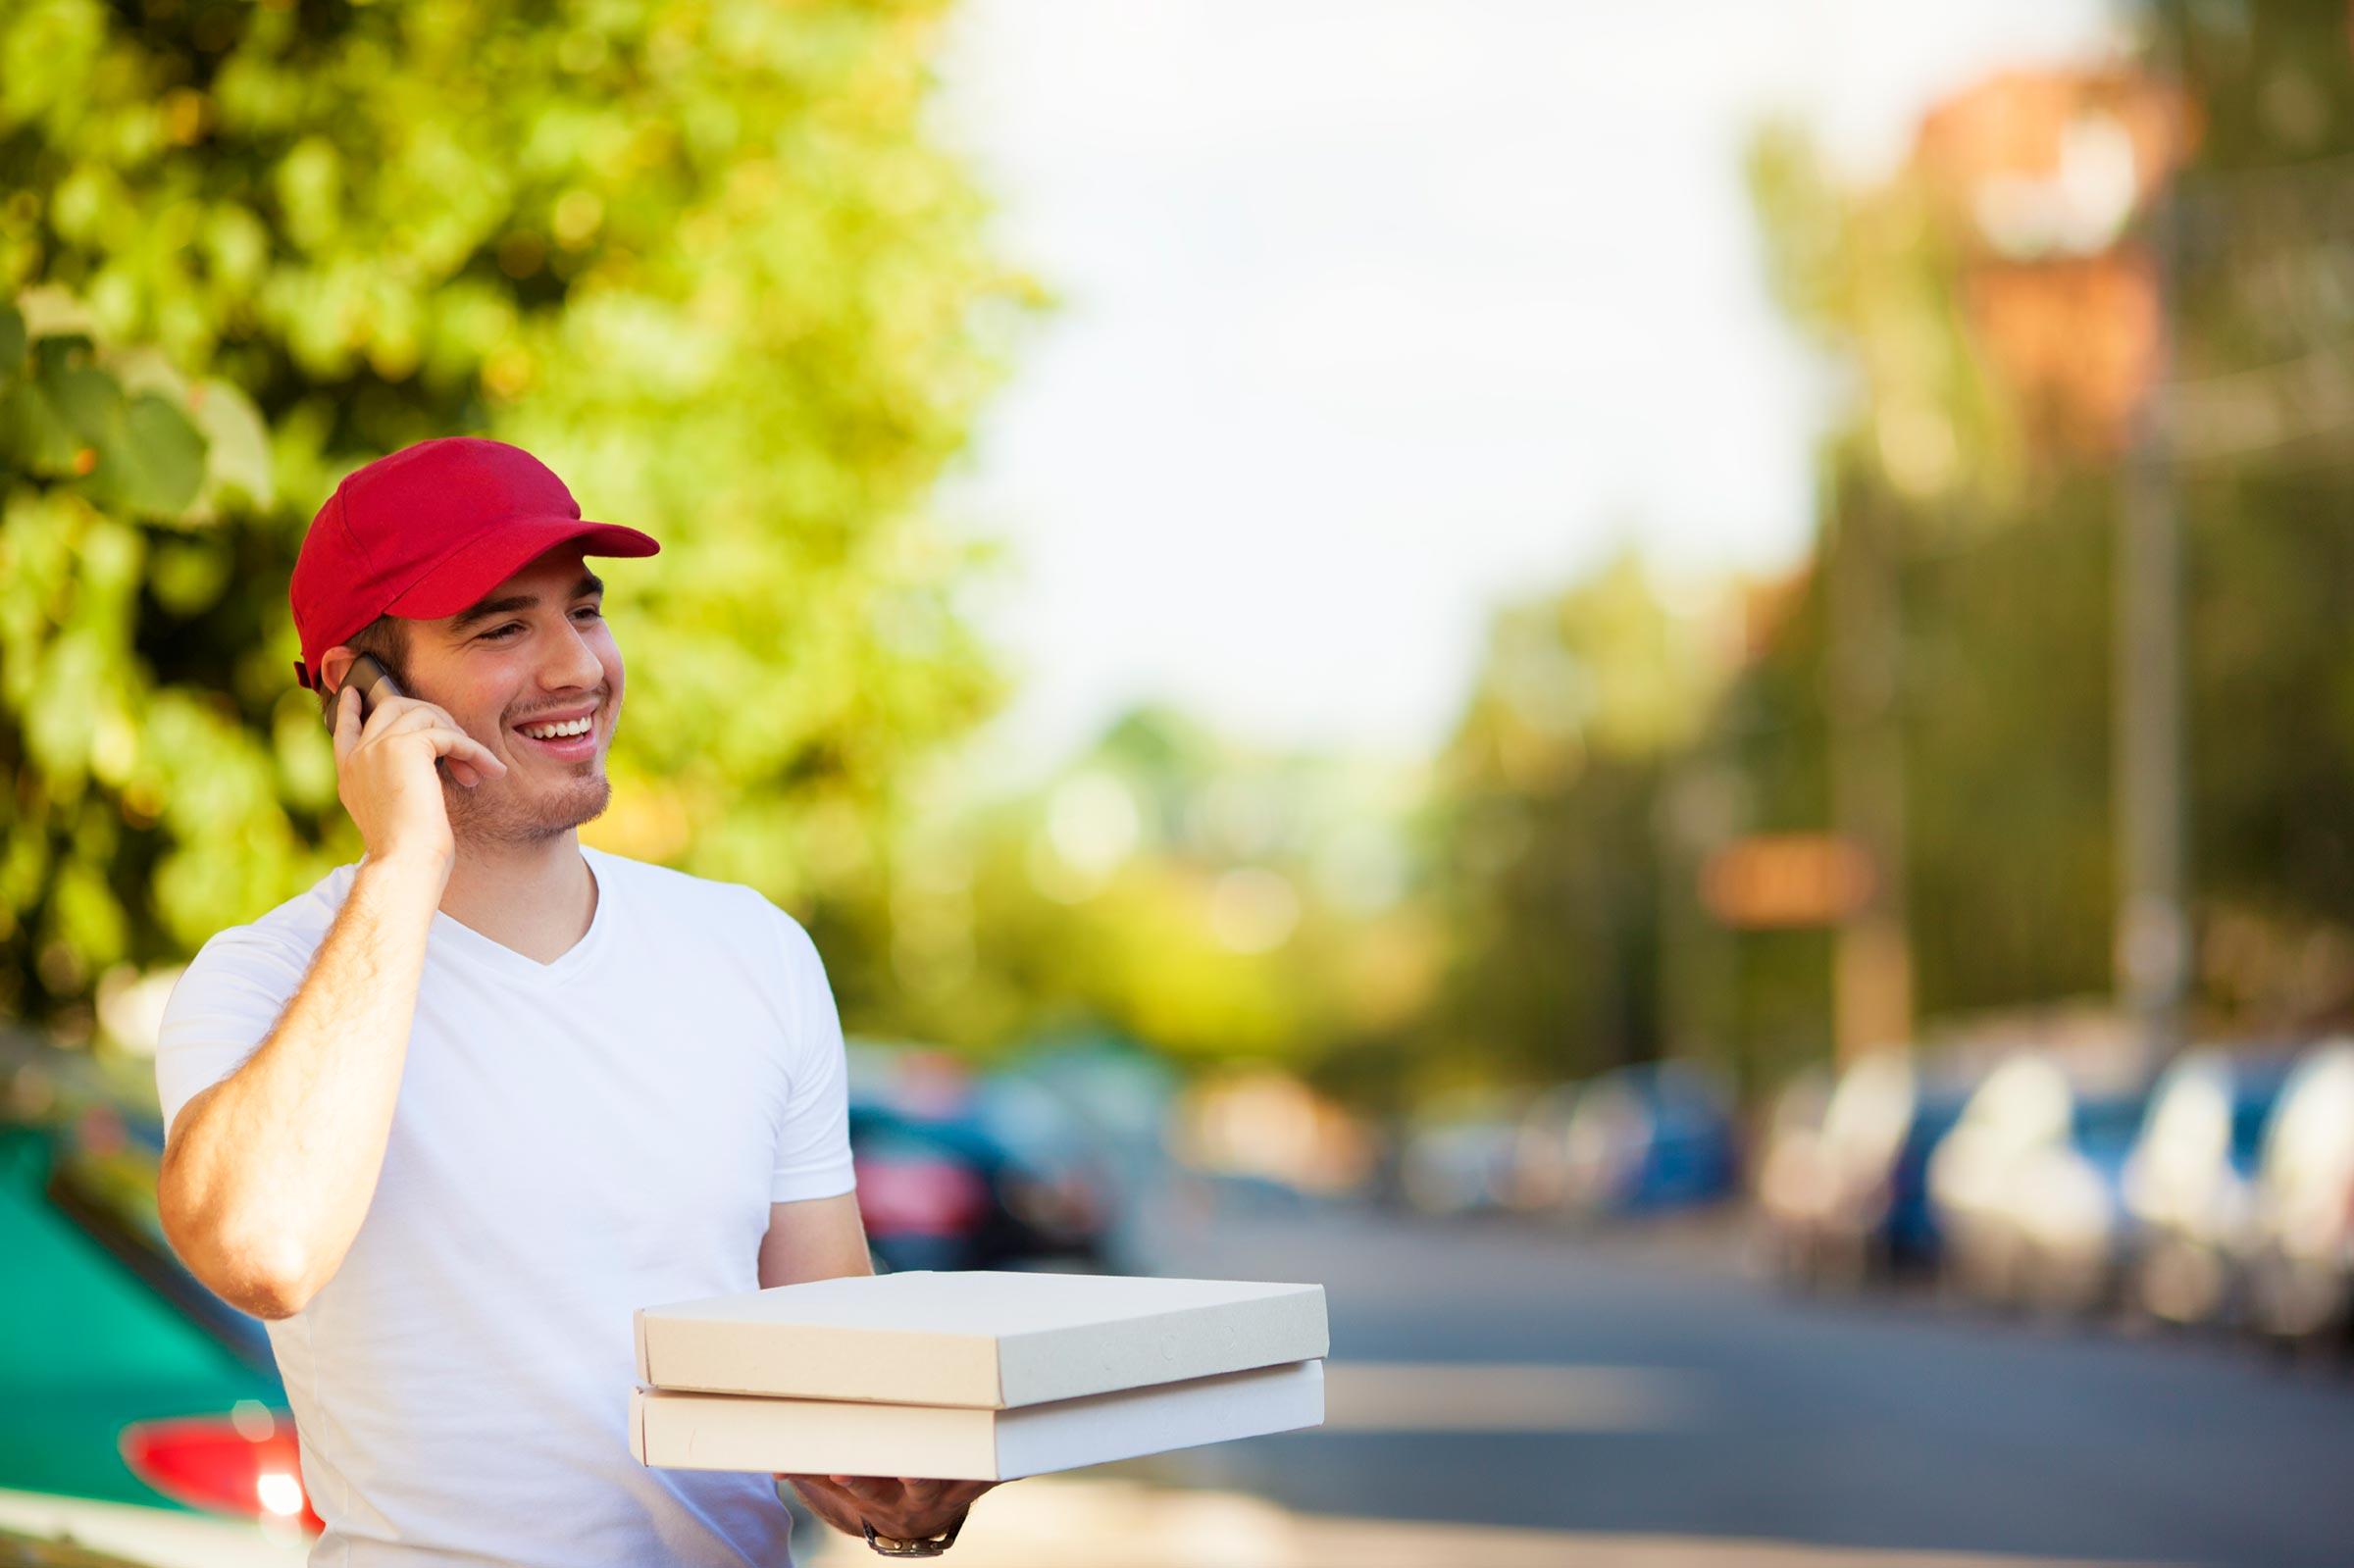 Ντελίβερι πίτσας χωρίς… ντελιβερά